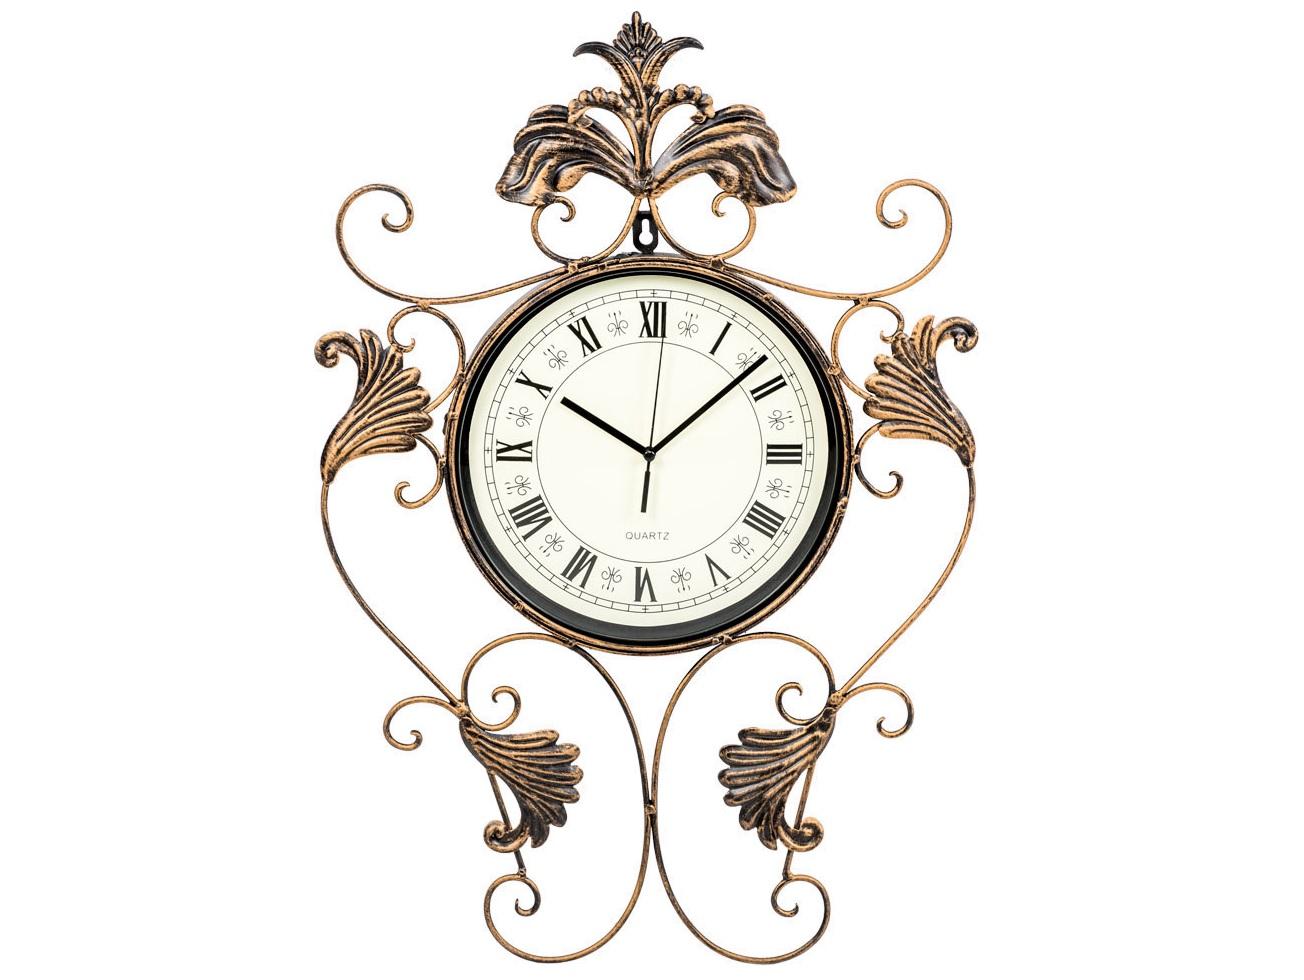 Настенные часы НансиНастенные часы<br>Часы &amp;quot;Нанси&amp;quot; - безупречный образец  ренессанса, спутник классических &amp;quot;барокко&amp;quot;, &amp;quot;ампира&amp;quot;, &amp;quot;рококо&amp;quot;, романского и английского стилей, эталон салонного &amp;quot;ар-деко&amp;quot;. Невесомый растительный узор навевает пространствам ауру романтики, визуальной легкости и простора.  Для одних это часы, увенчанные узорчатой оправой, для других - изысканное панно, снабженное часами. Прозрачный узор эффектно подчеркнет как цветные обои, так и однотонные стены.&amp;lt;div&amp;gt;&amp;lt;br&amp;gt;&amp;lt;/div&amp;gt;&amp;lt;div&amp;gt;&amp;lt;div&amp;gt;Тип батарейки: LR14 C 1,5 В.&amp;lt;/div&amp;gt;&amp;lt;div&amp;gt;Необходимое количество батареек: 1 шт.&amp;lt;br&amp;gt;&amp;lt;/div&amp;gt;&amp;lt;div&amp;gt;Батарейка в комплект не входит.&amp;lt;/div&amp;gt;&amp;lt;/div&amp;gt;&amp;lt;div&amp;gt;&amp;lt;br&amp;gt;&amp;lt;/div&amp;gt;&amp;lt;iframe width=&amp;quot;530&amp;quot; height=&amp;quot;315&amp;quot; src=&amp;quot;https://www.youtube.com/embed/D-TrjvOJcG4&amp;quot; frameborder=&amp;quot;0&amp;quot; allowfullscreen=&amp;quot;&amp;quot;&amp;gt;&amp;lt;/iframe&amp;gt;<br><br>Material: Металл<br>Ширина см: 40<br>Высота см: 57<br>Глубина см: 3